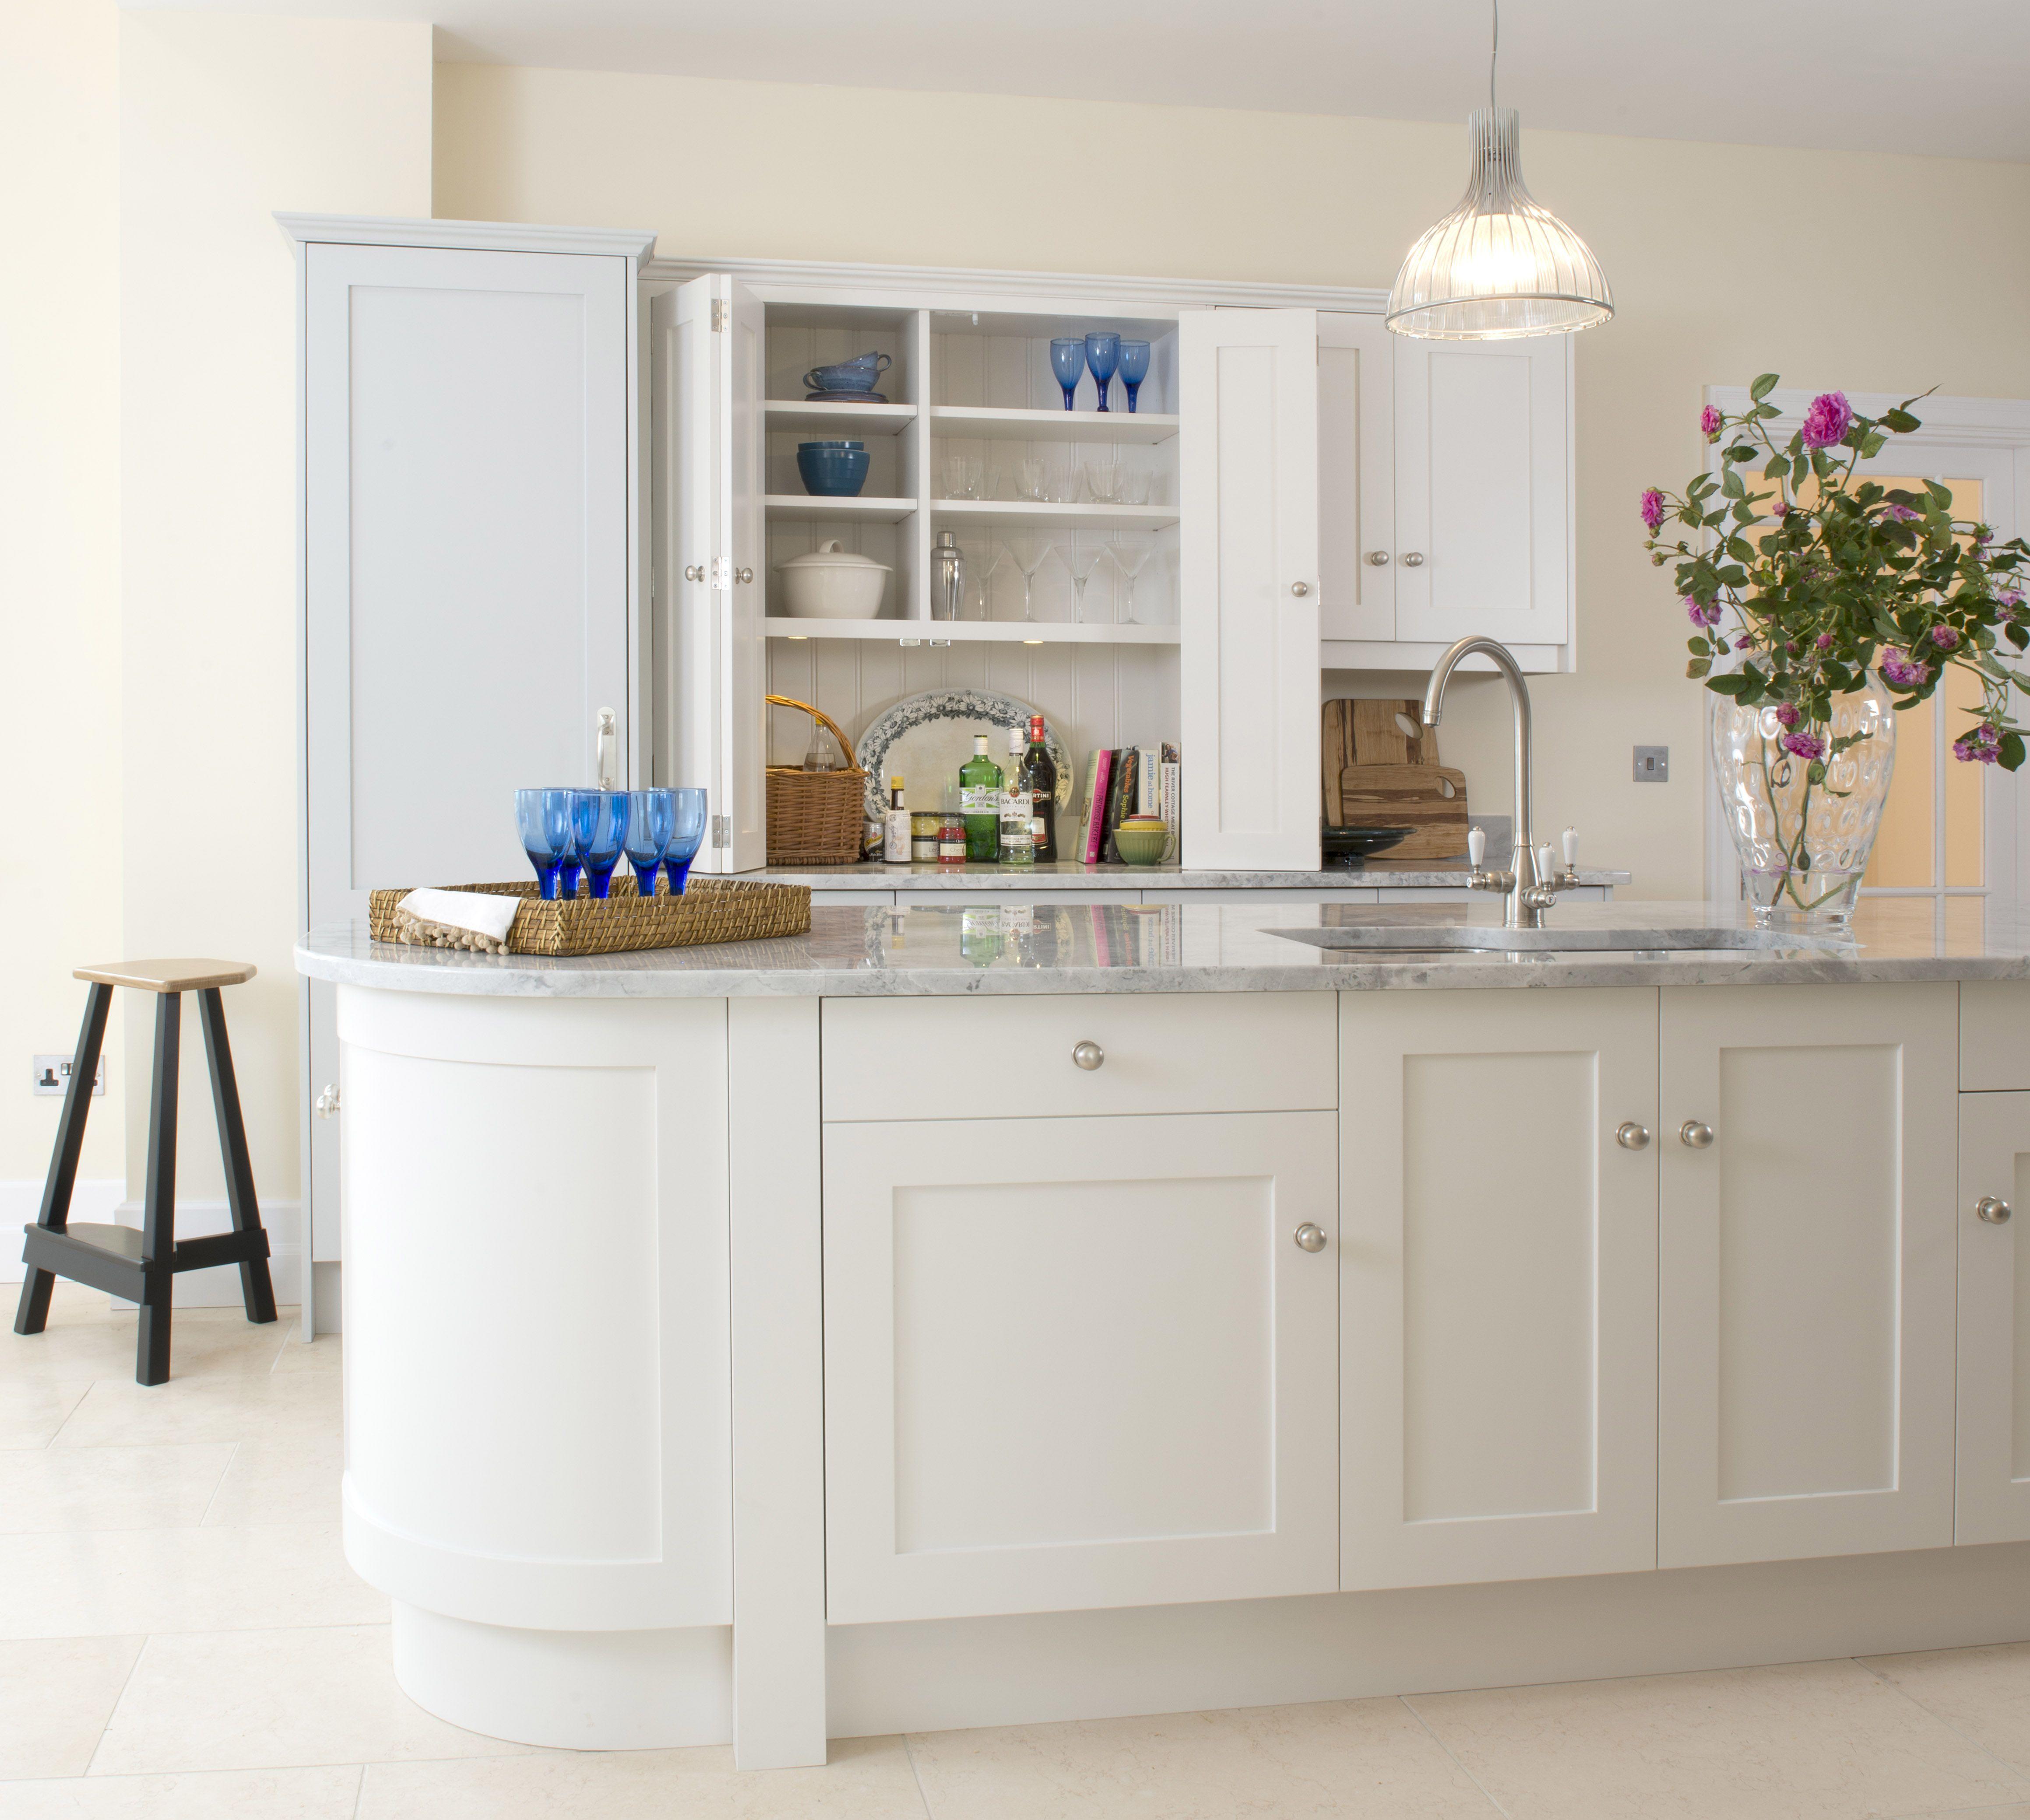 Kitchen Furniture John Lewis: Pin By Susie Schultz On Kitchen